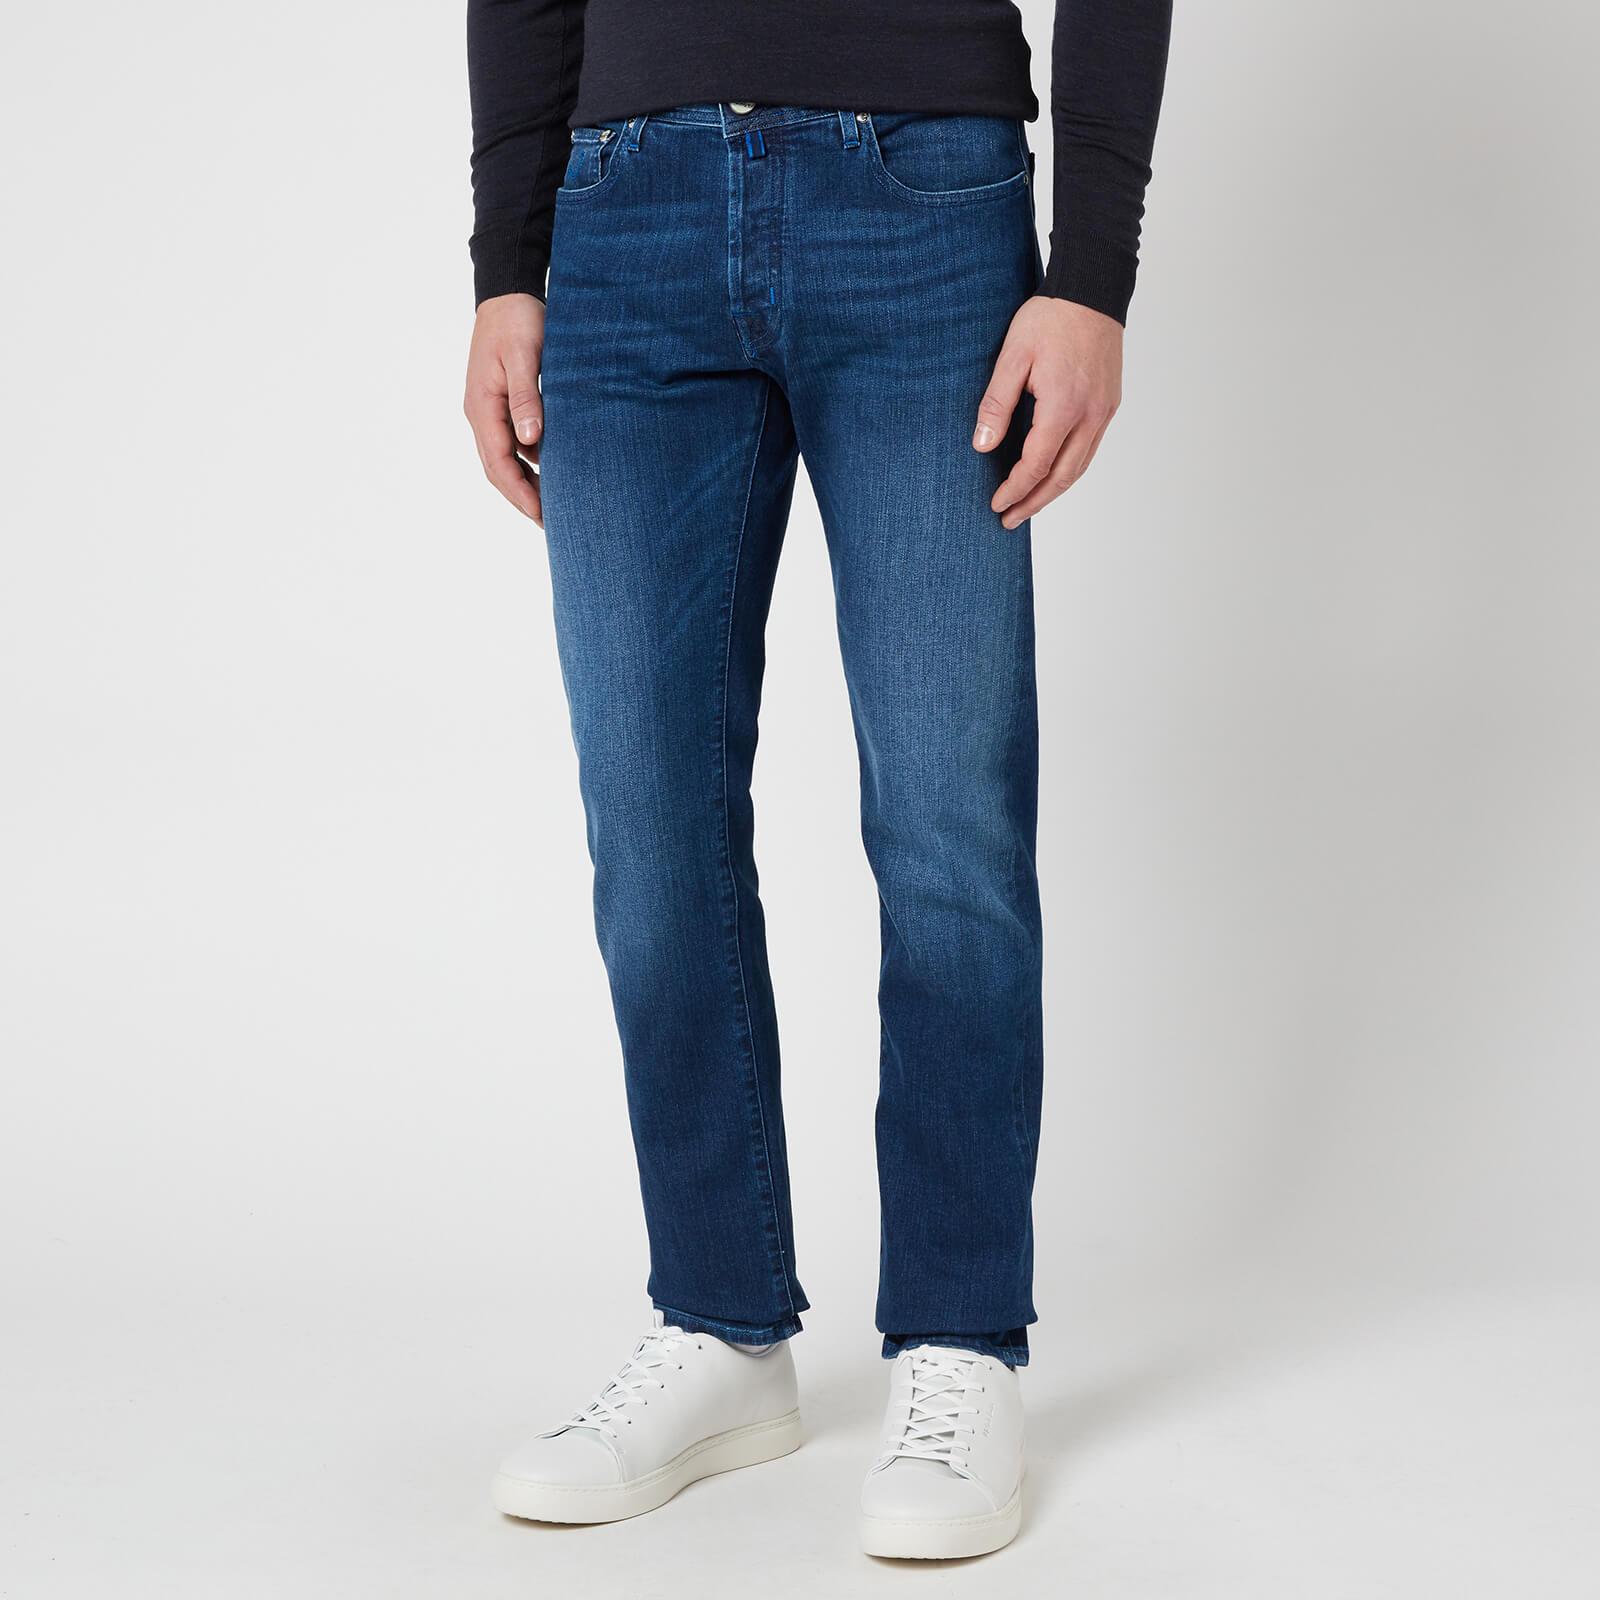 Jacob Cohen Men's J688 Jeans - Blue - W33